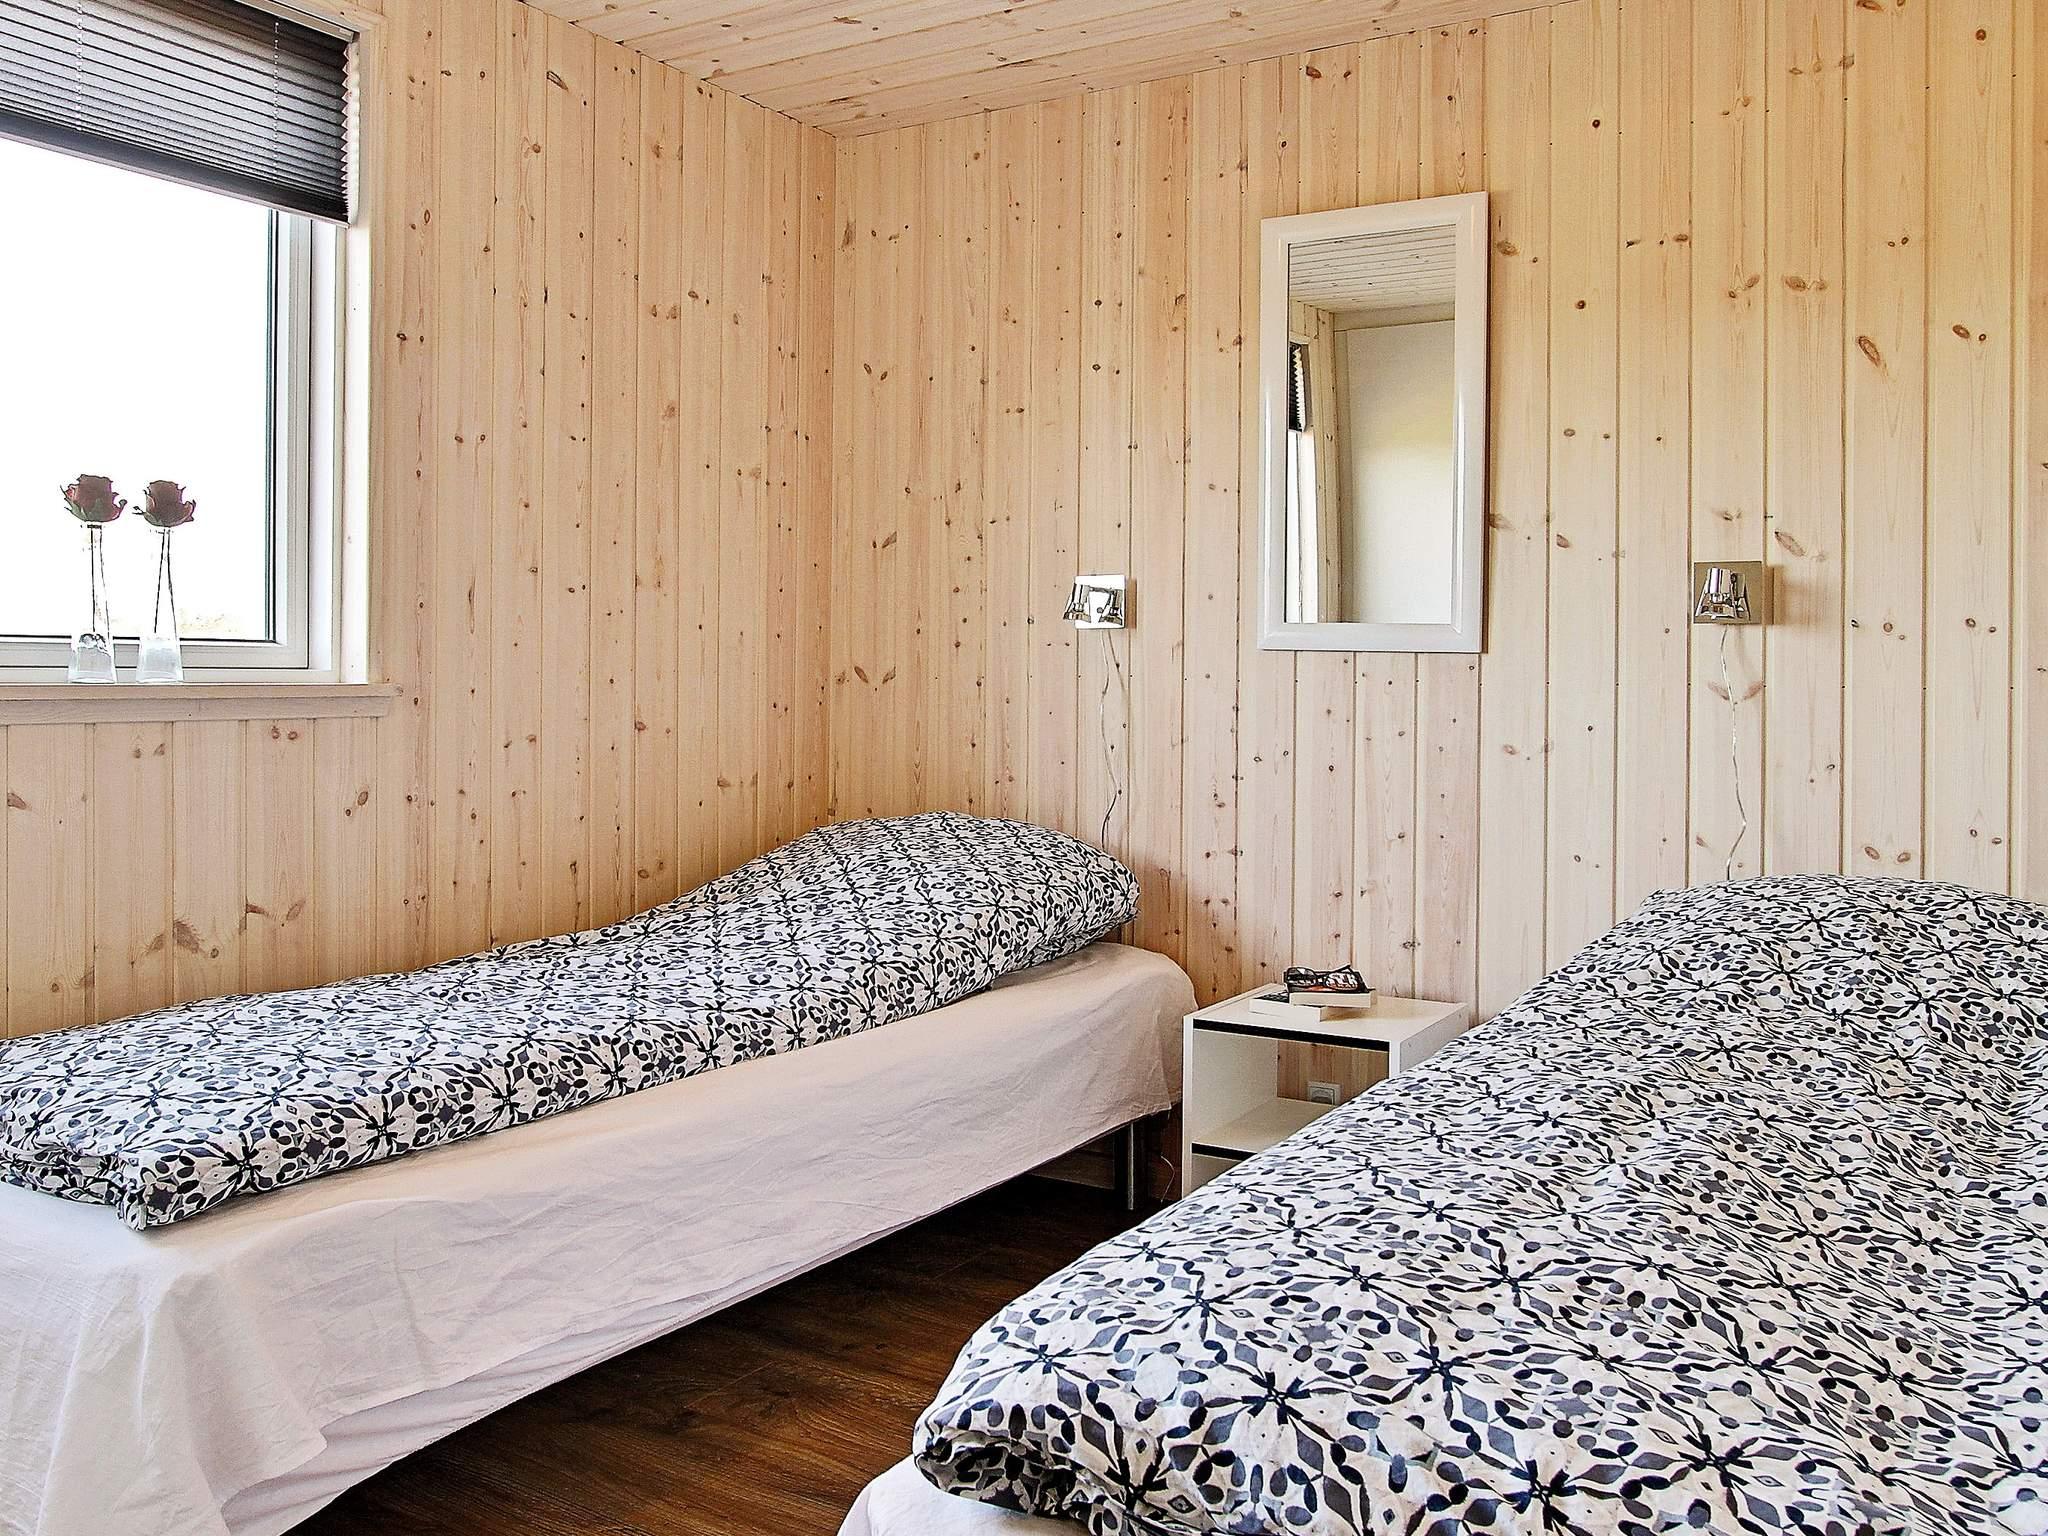 Ferienhaus Skåstrup Strand (921226), Skåstrup, , Fünen, Dänemark, Bild 13